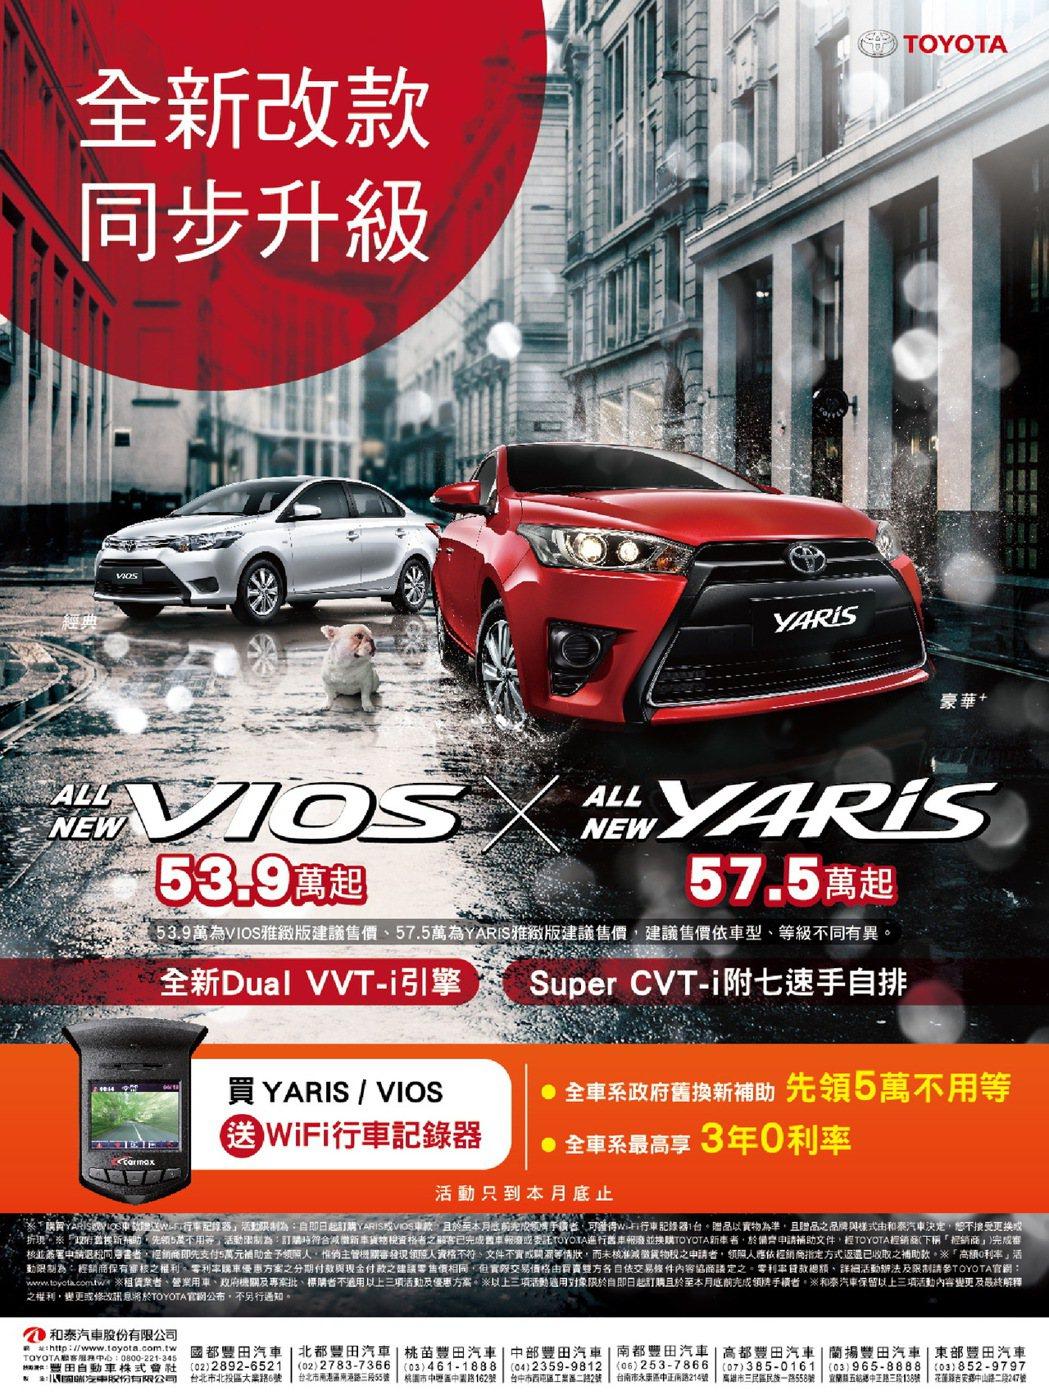 購買YARIS或VIOS車款贈送Wi-Fi行車記錄器。 圖/和泰汽車提供